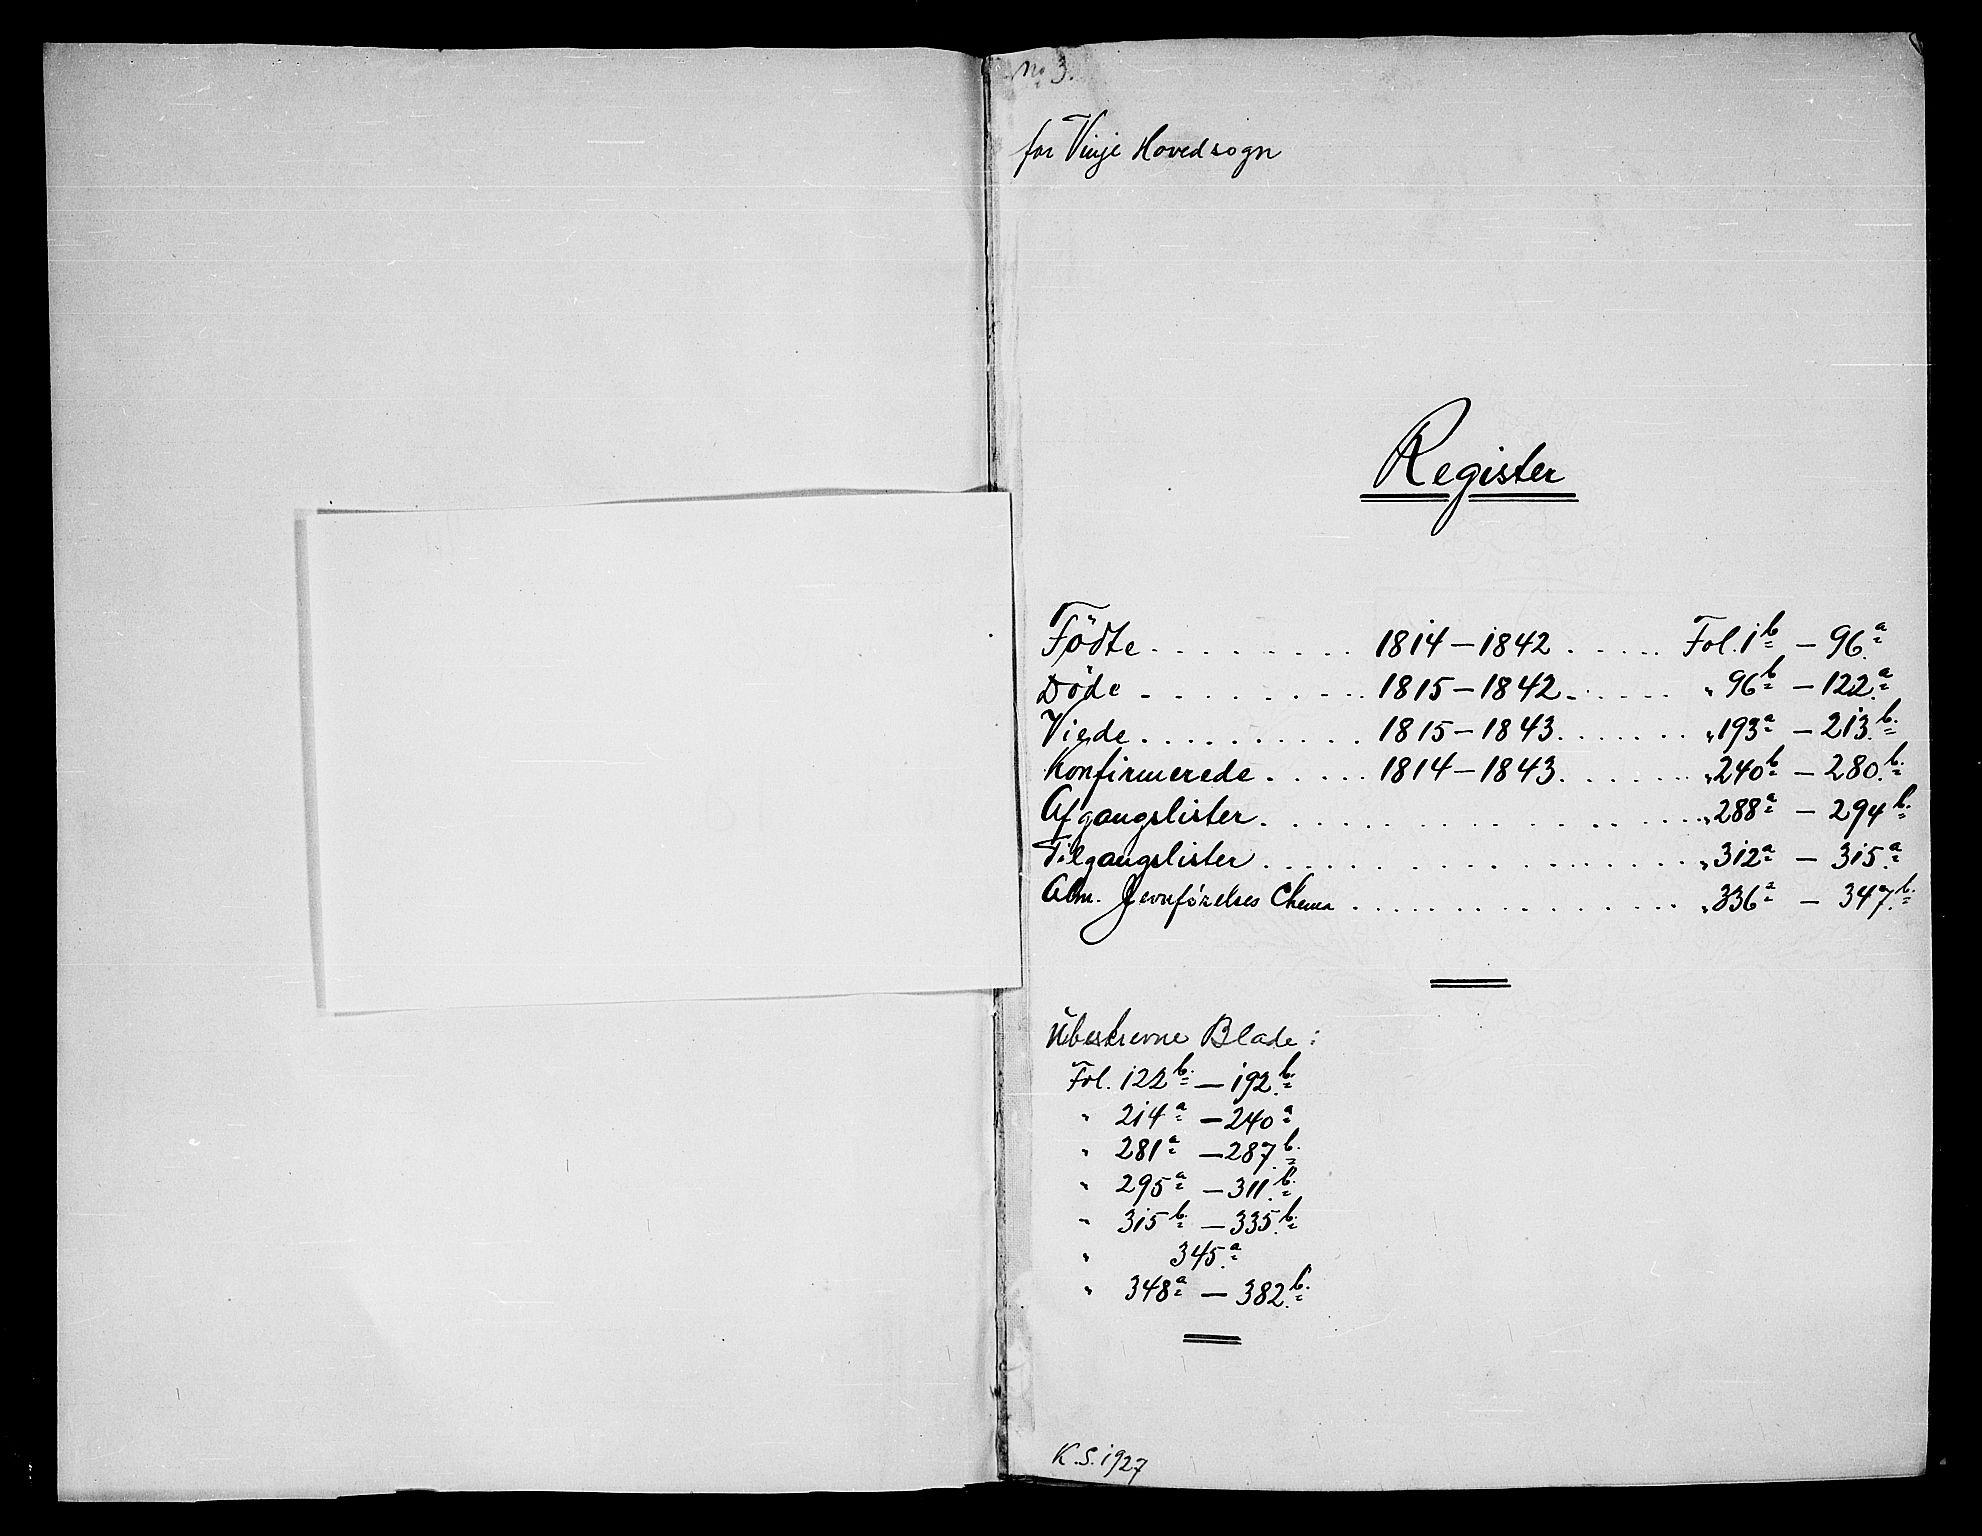 SAKO, Vinje kirkebøker, G/Ga/L0001: Klokkerbok nr. I 1, 1814-1843